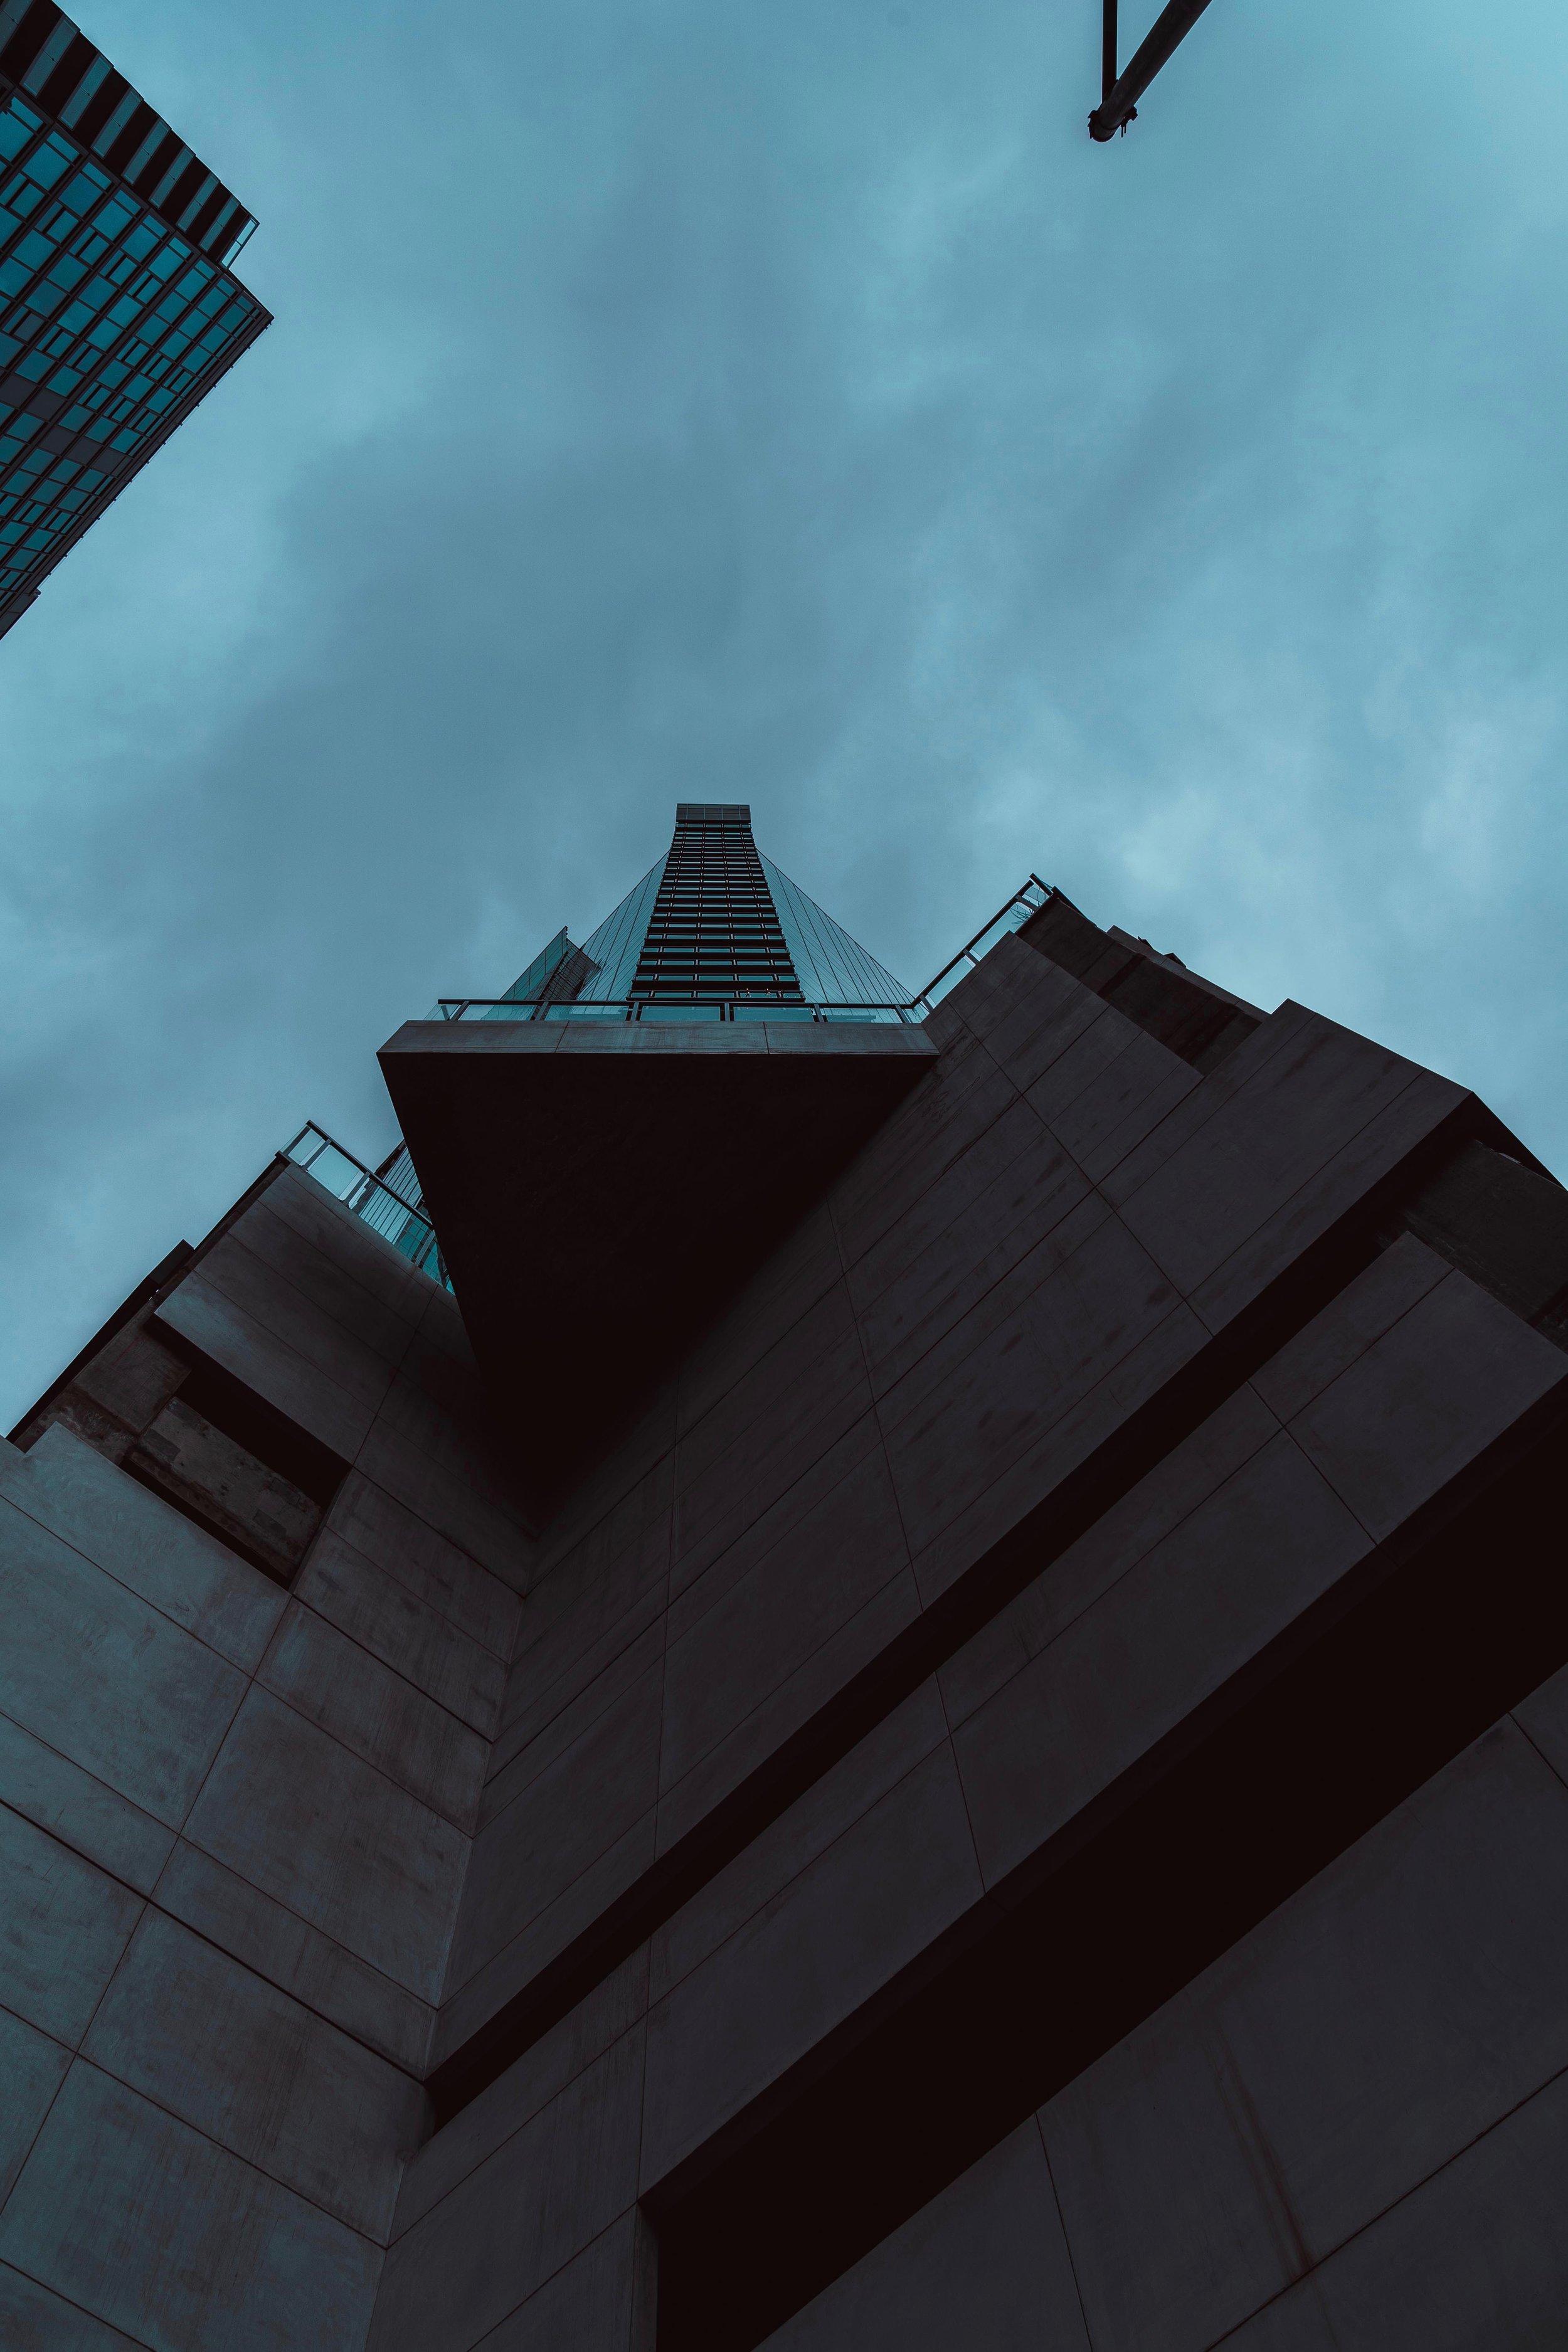 Random Building DTLA - ISO 80 f 8.0 1/160